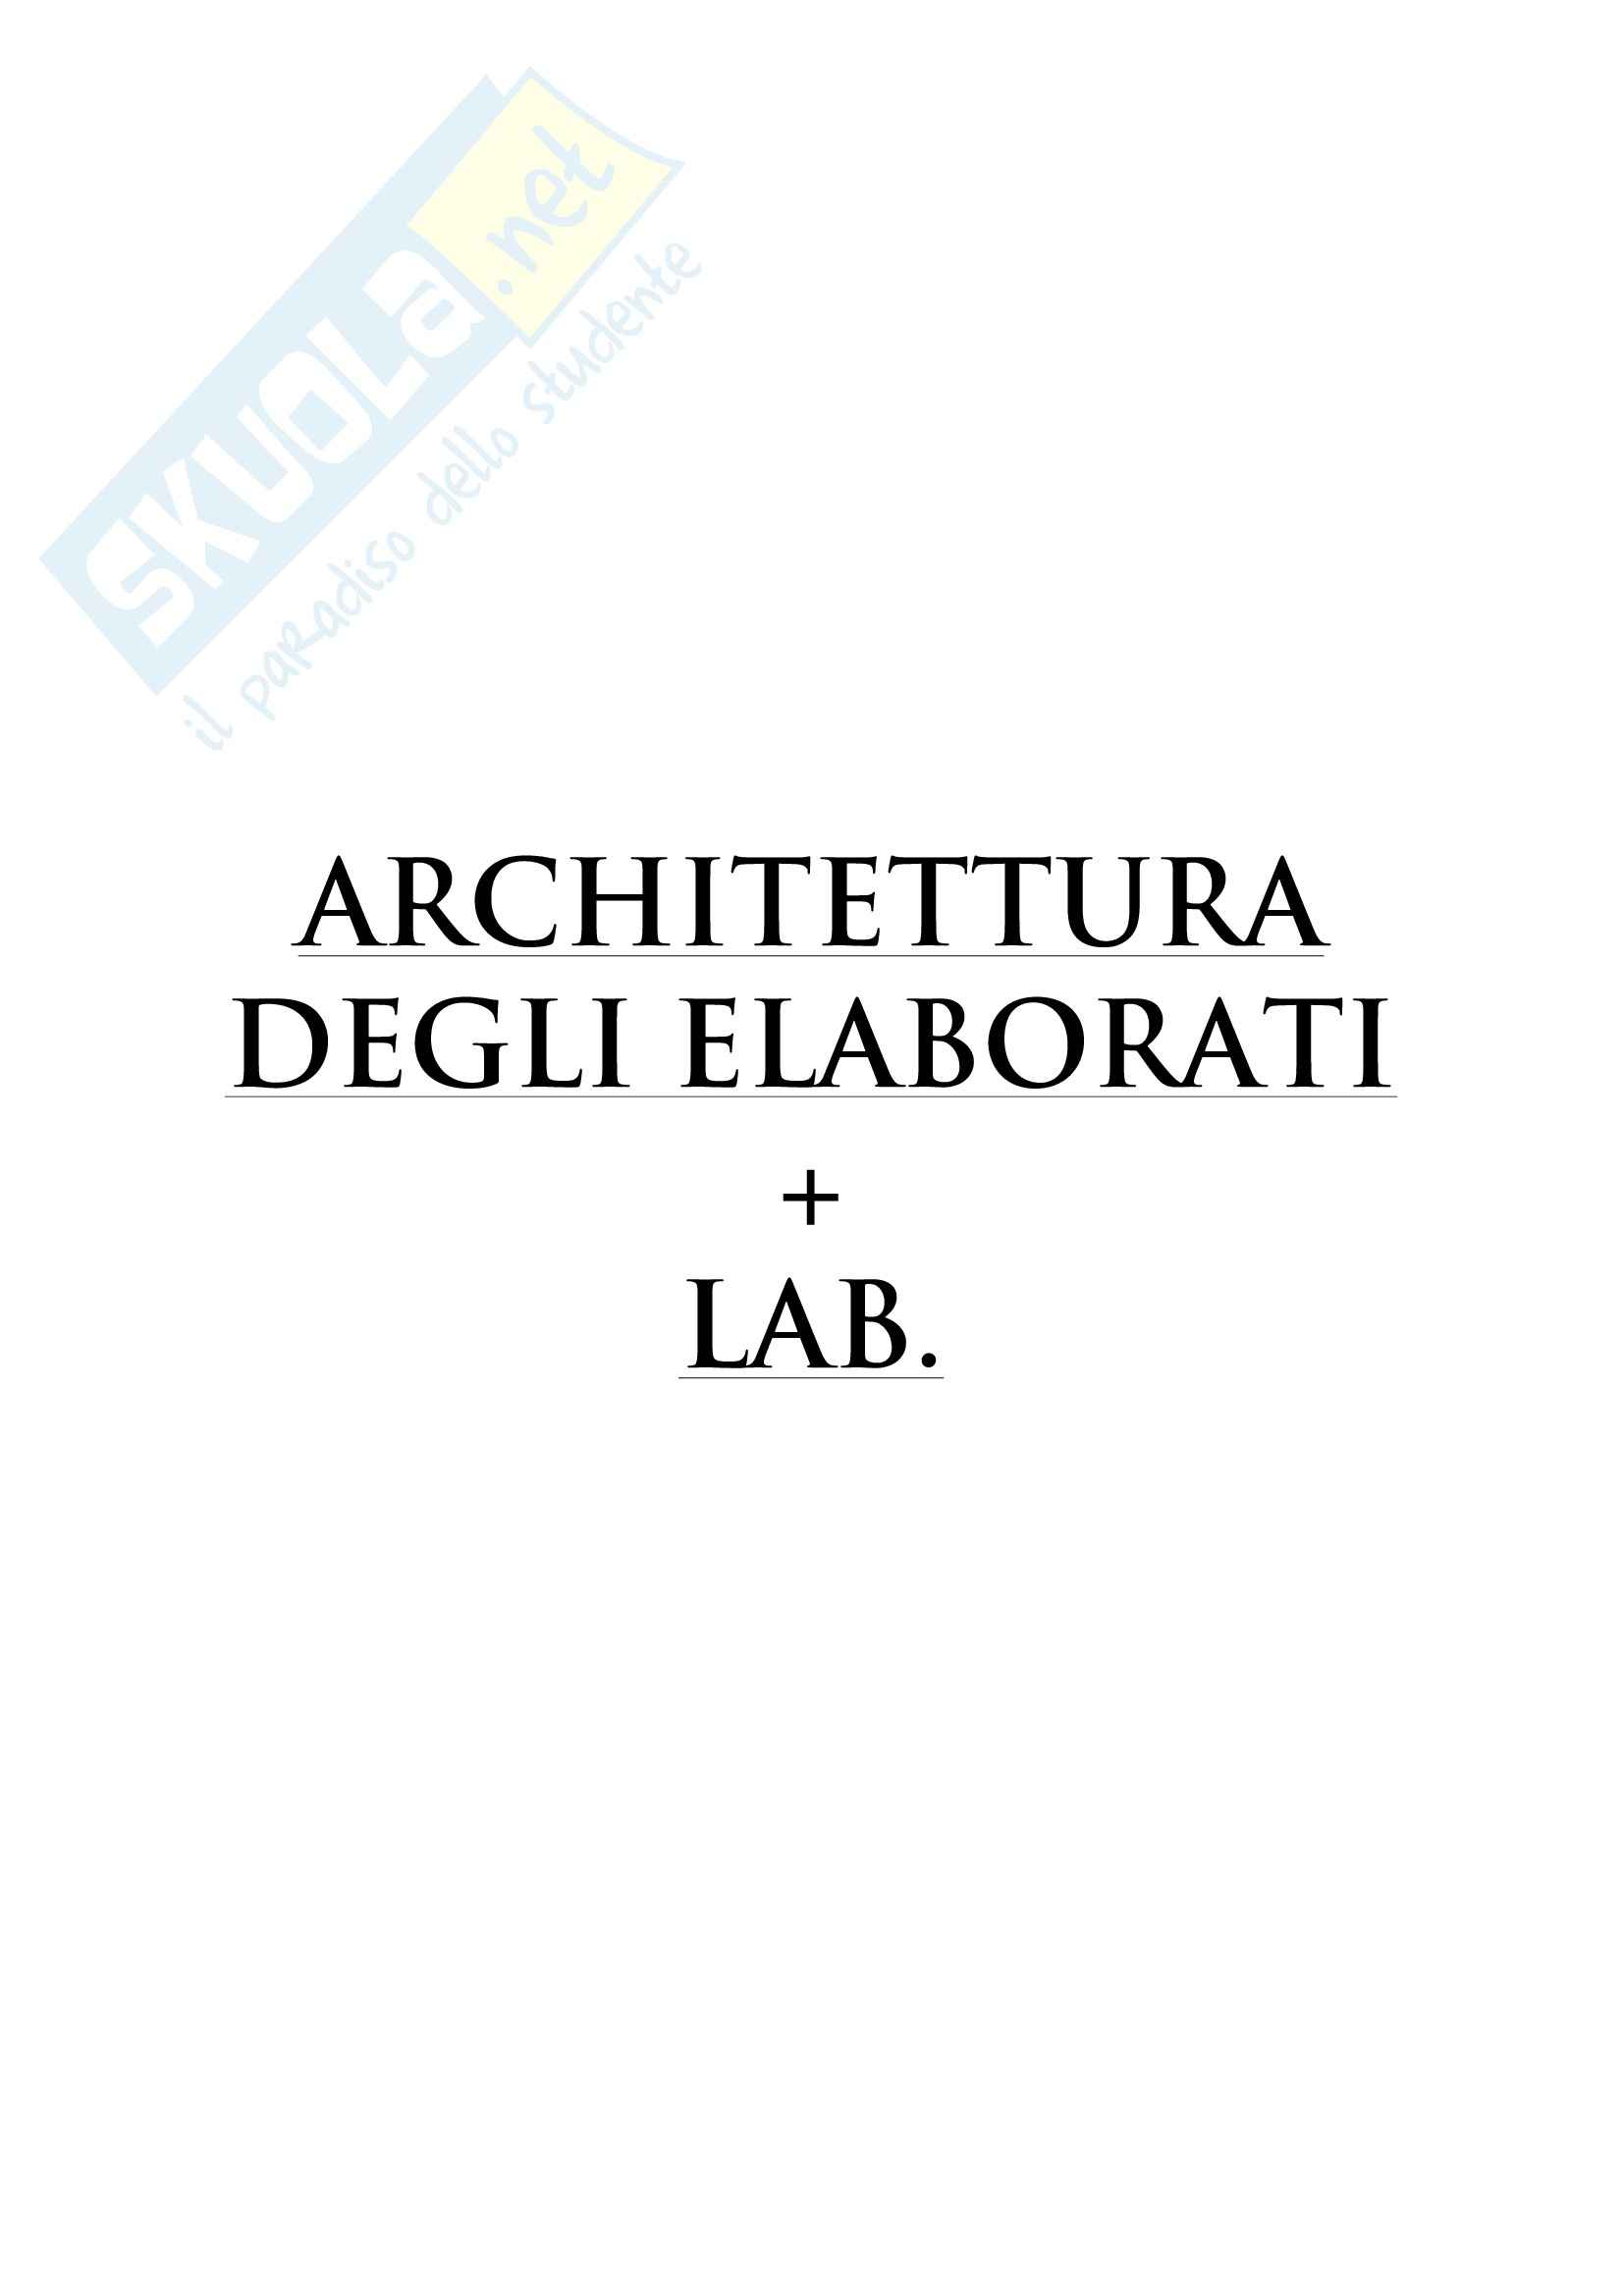 Architettura degli elaborati - Appunti